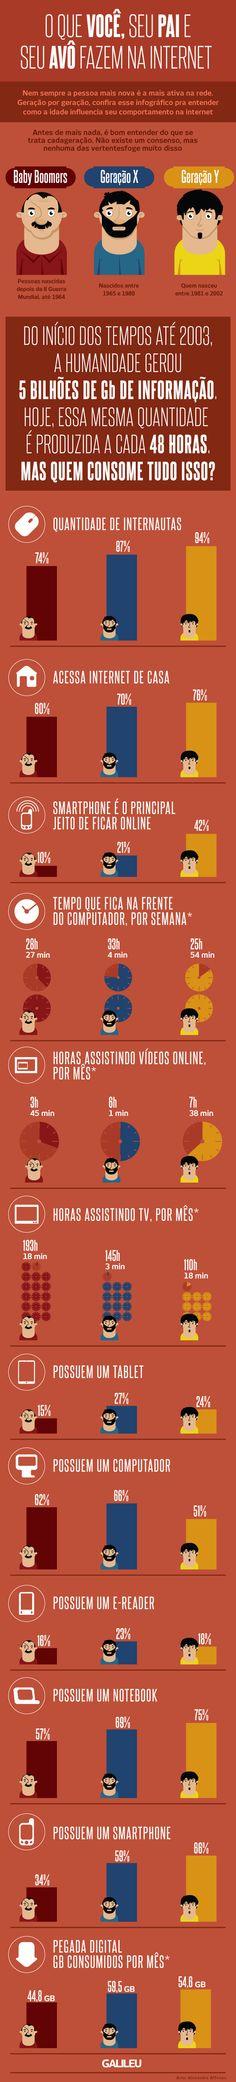 O que você, seu pai e seu avô fazem na internet?